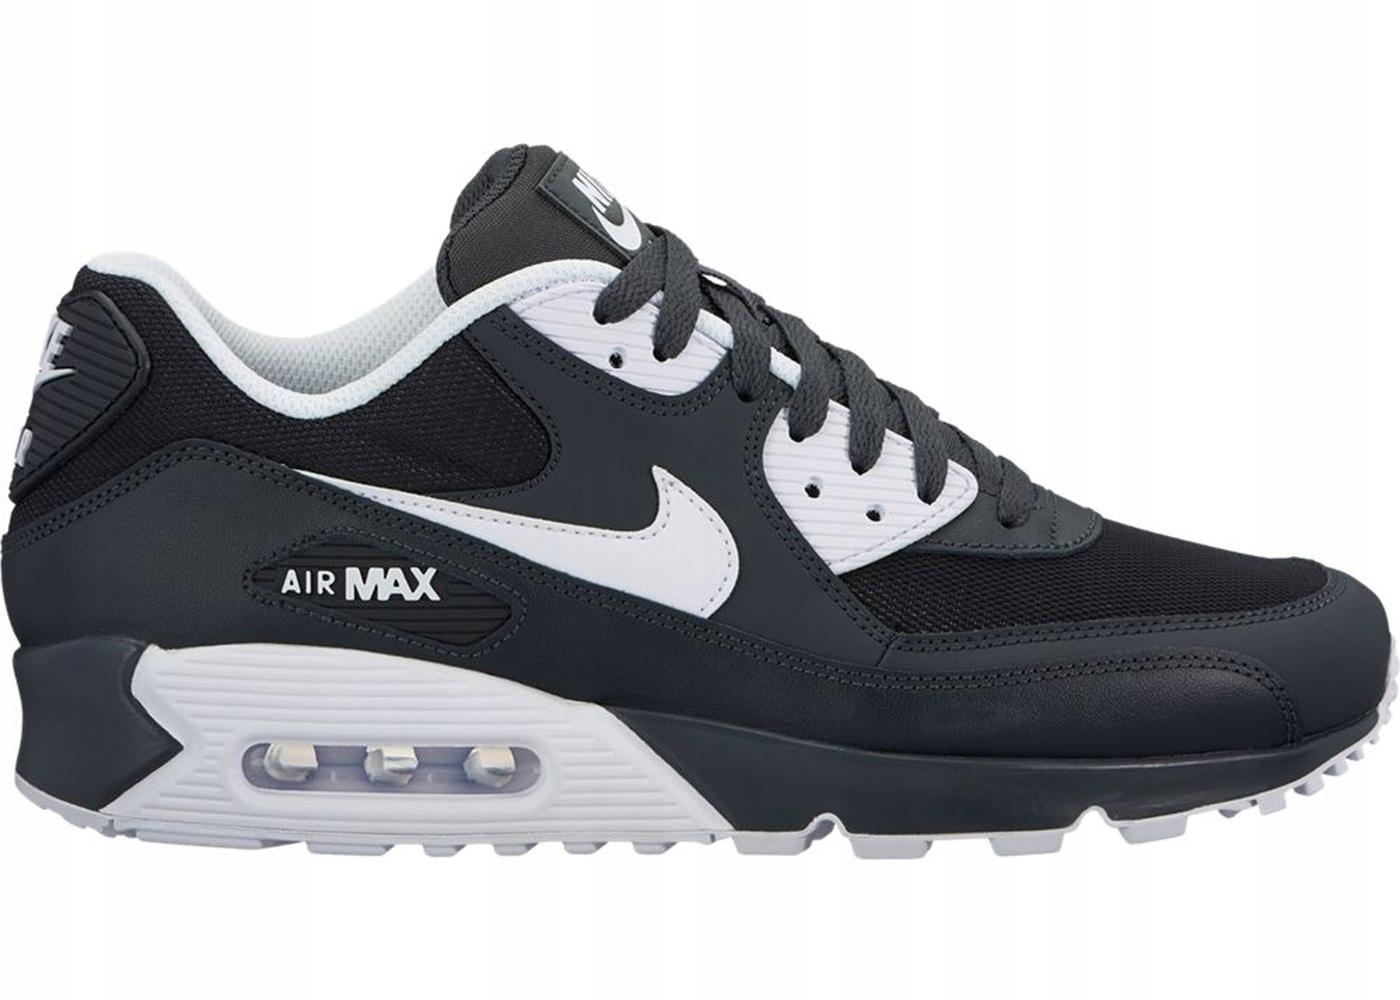 49fdc06c3 Buty Męskie Nike Air Max 90 537384 089 r.42 Nowość - 7719505299 ...